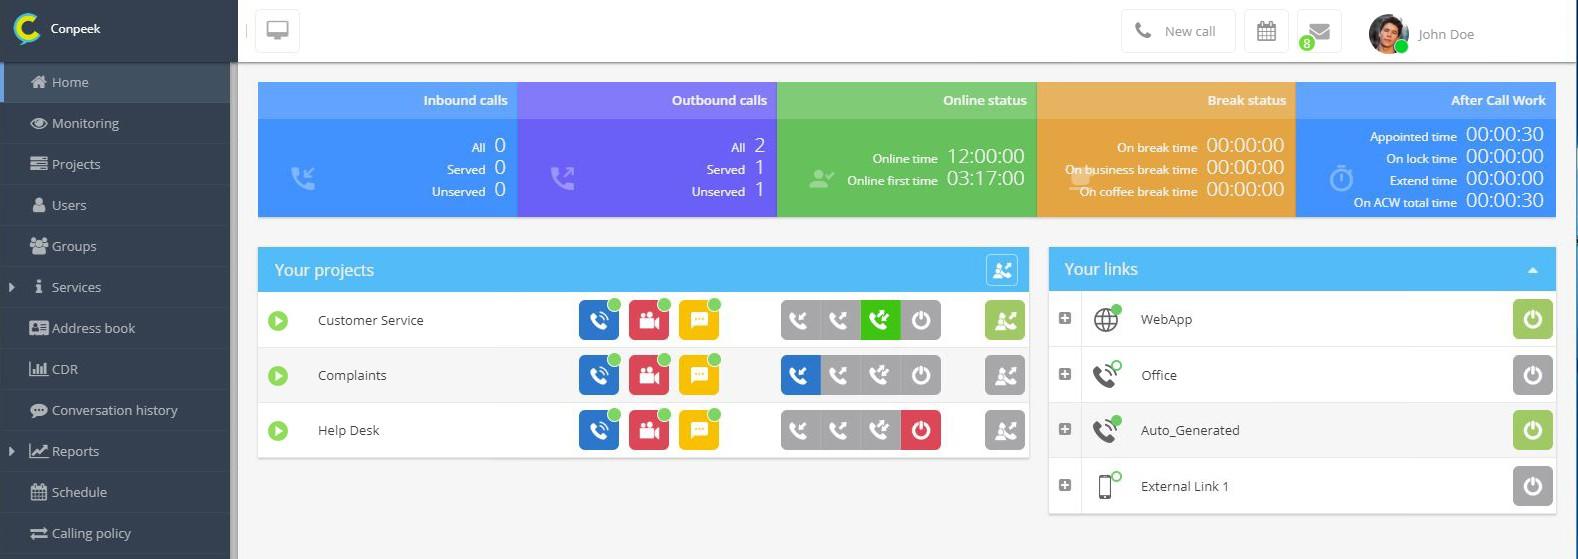 Oprogramowanie do telemarketingu